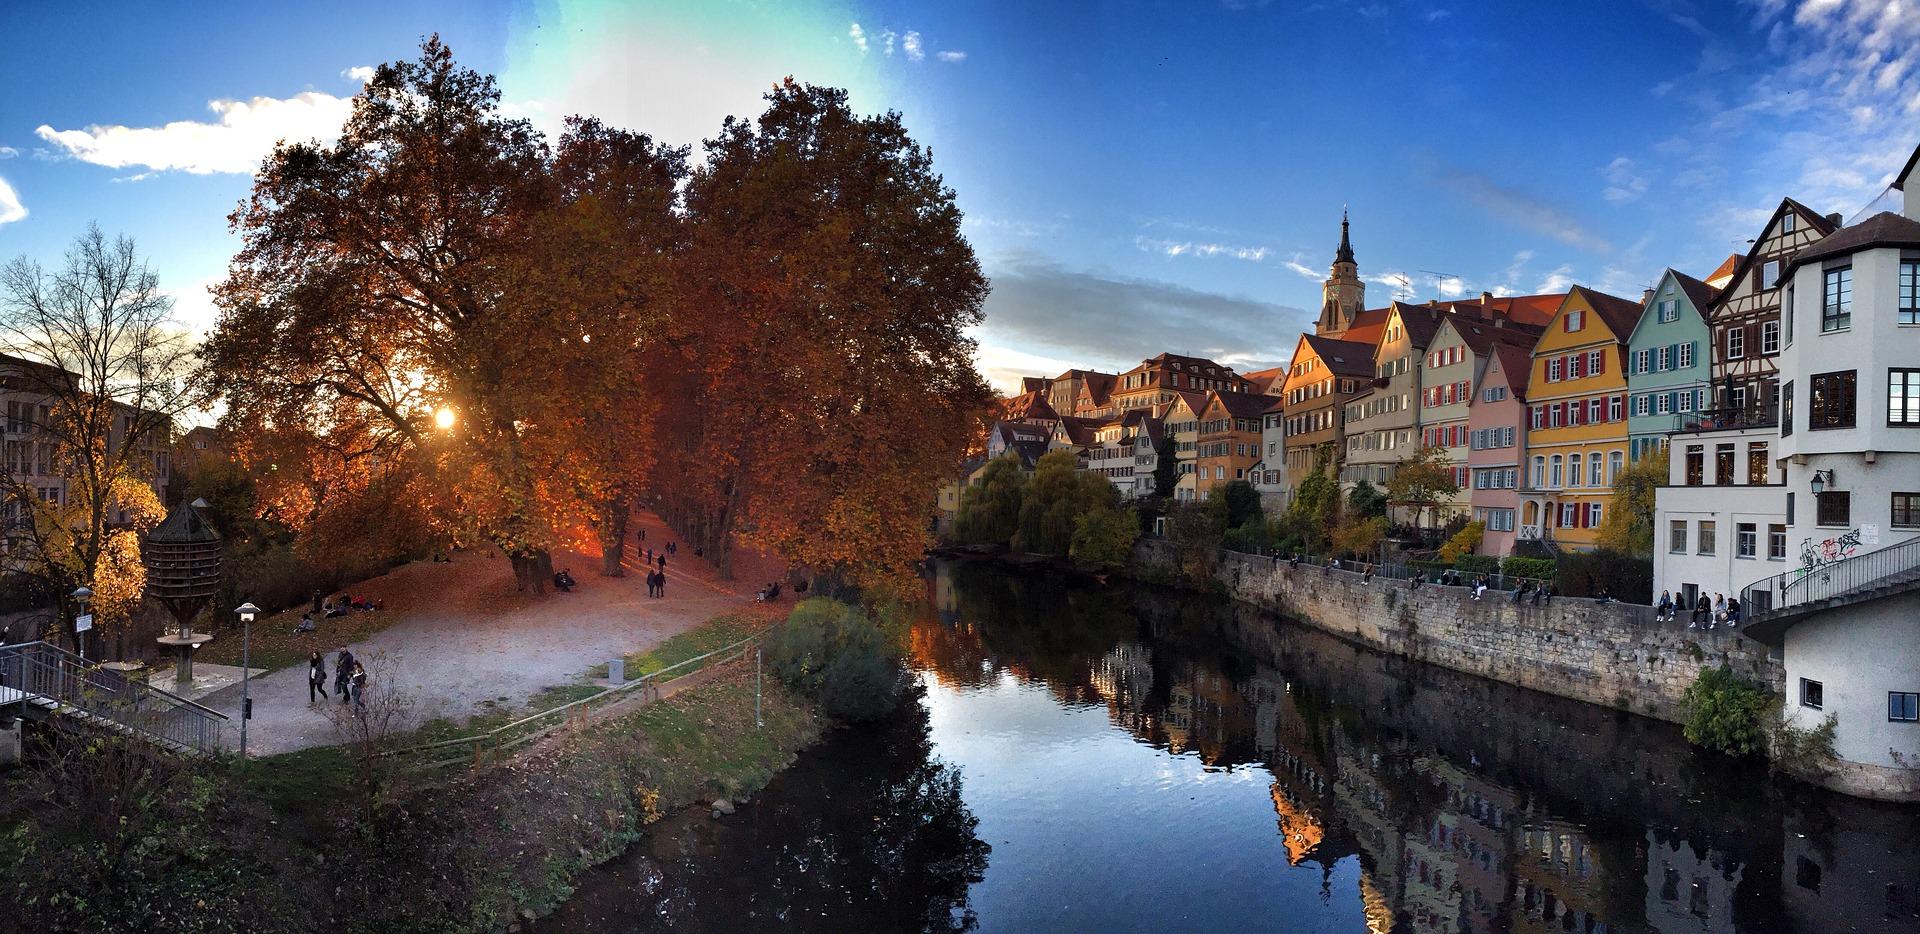 Tagungshotel in Tübingen